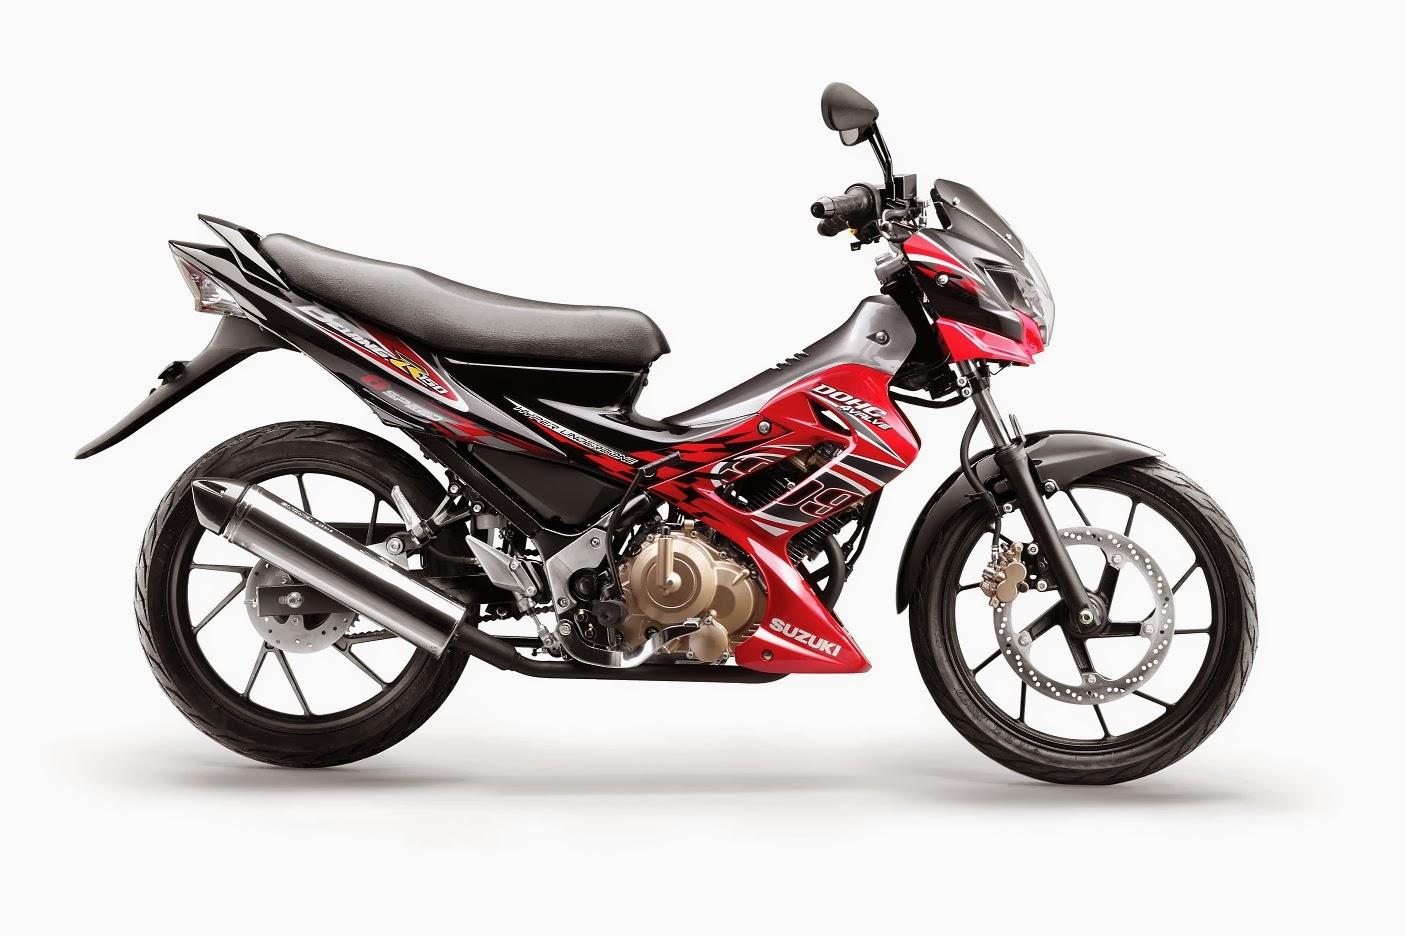 Suzuki Satria FU 150 VS  Kawasaki Athlete